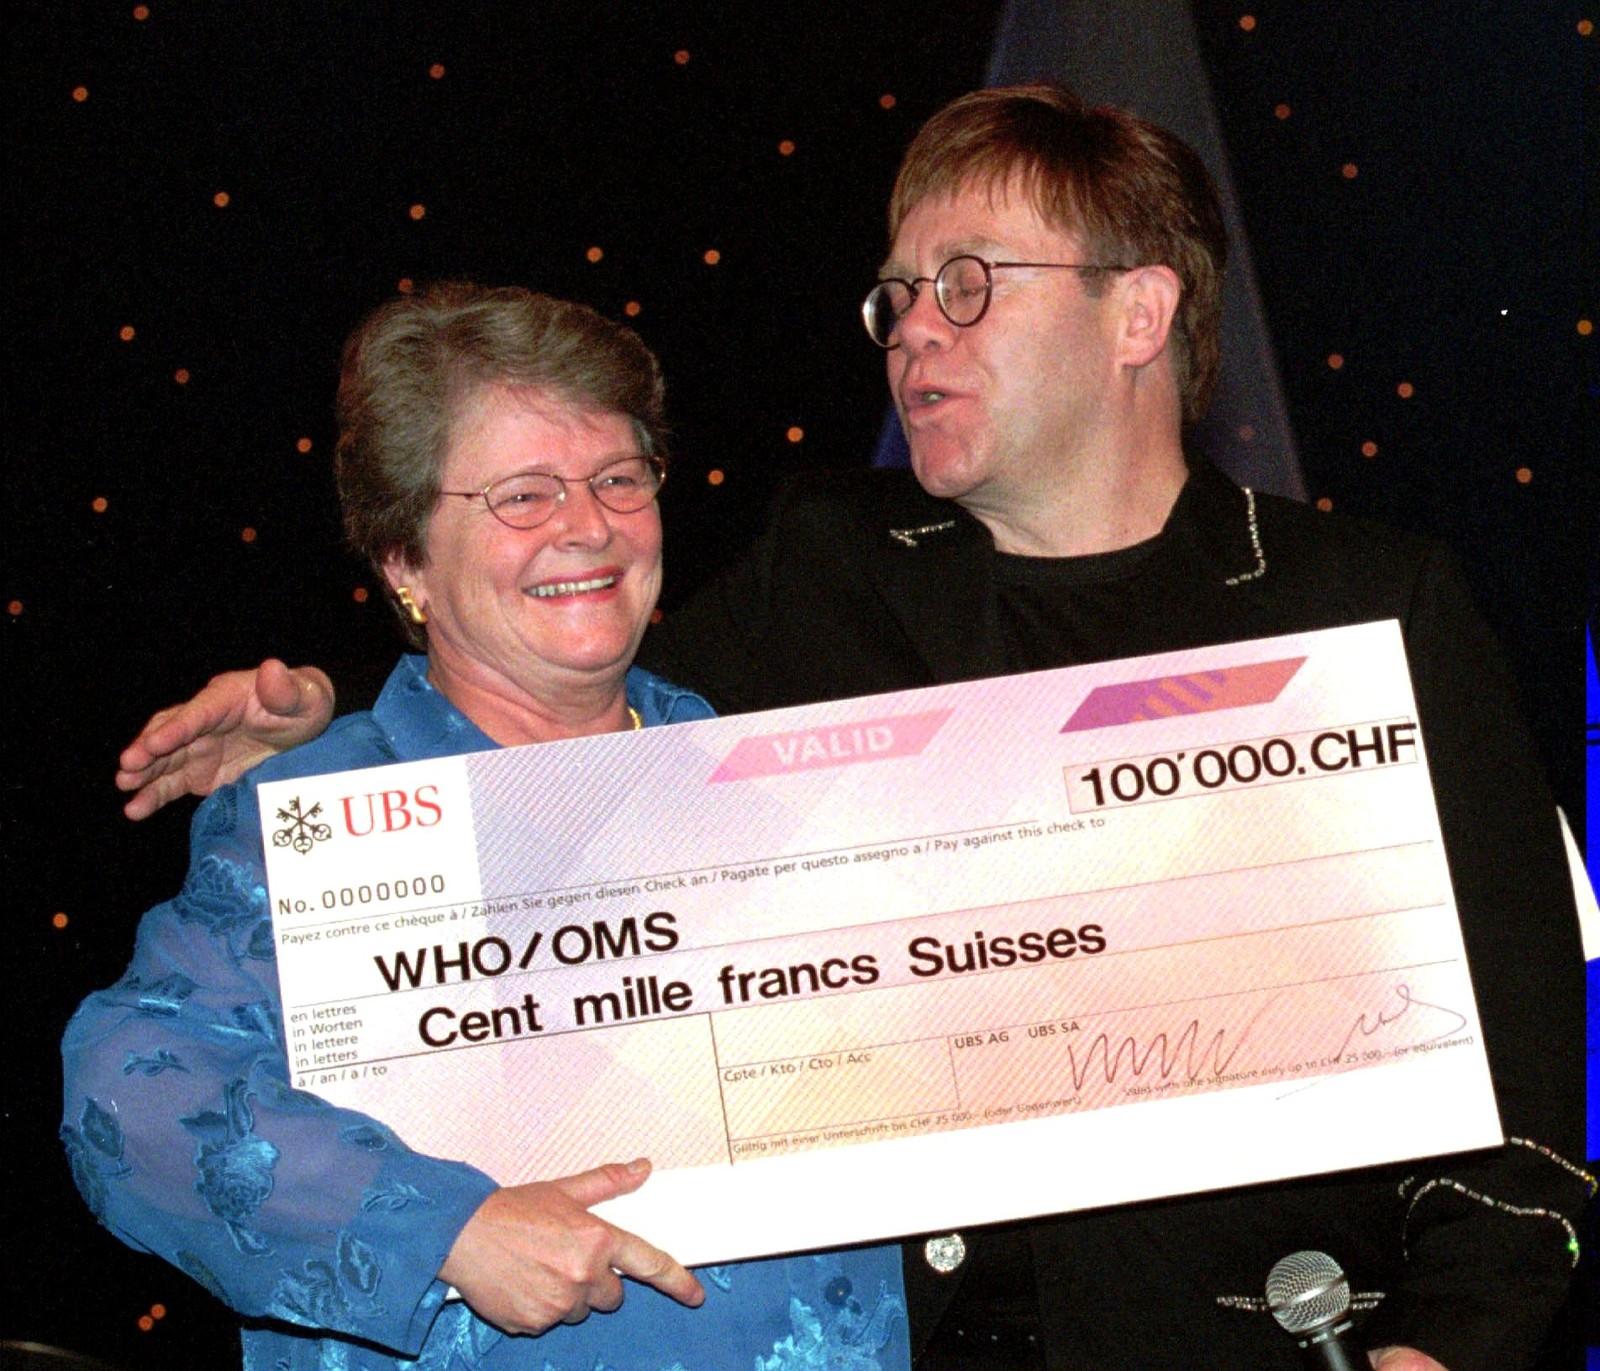 1998: Etter ein konsert i Geneve gjer Elton John ein sjekk på 100.000 sveitsiske francs, i kampen mot hepatit B, til generalsekretær Gro Harlem Brundtland i WHO 7. november.